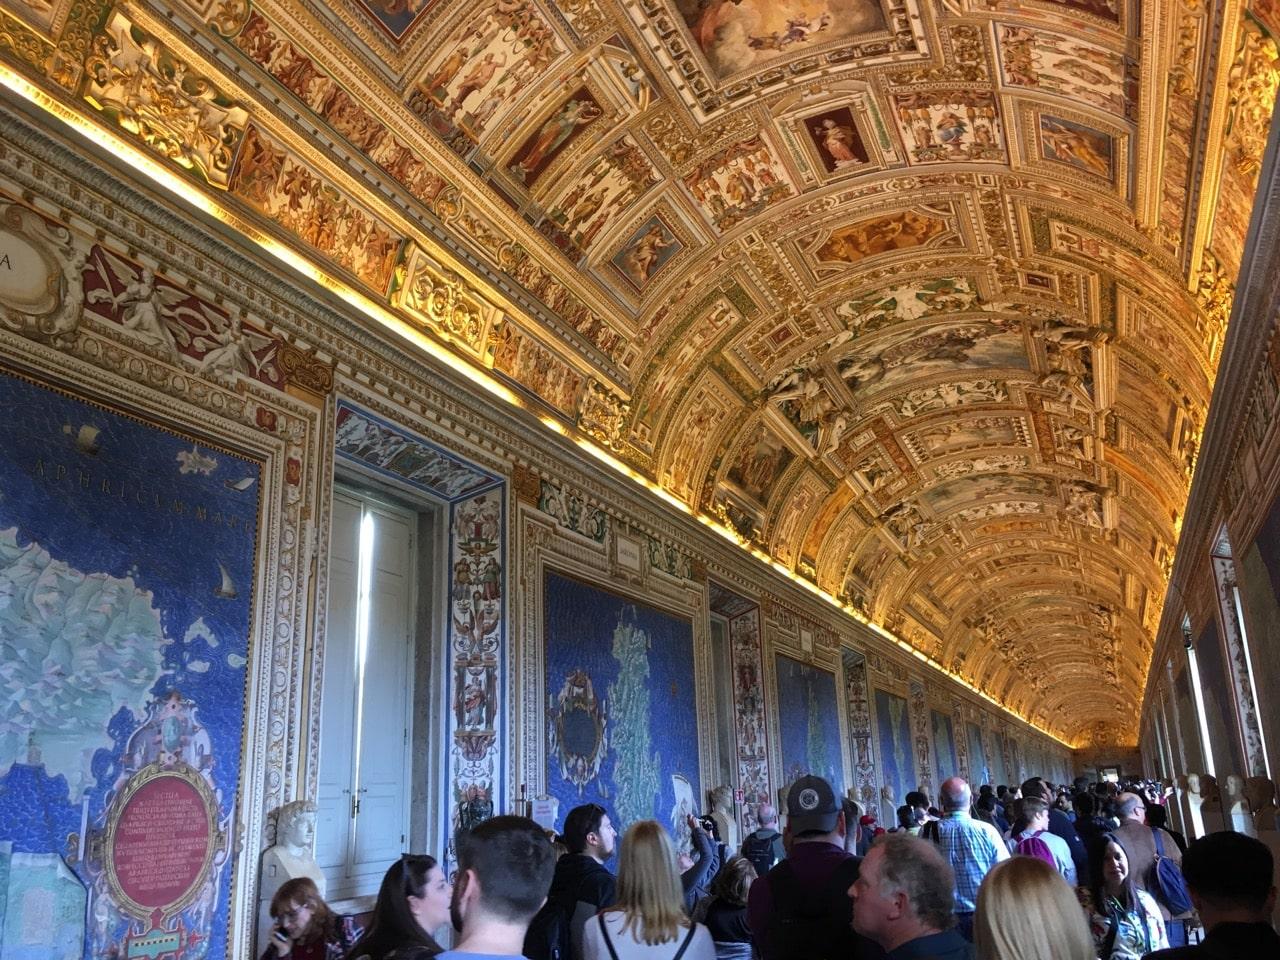 挂毯陈列馆的拱顶壁画,金碧辉煌